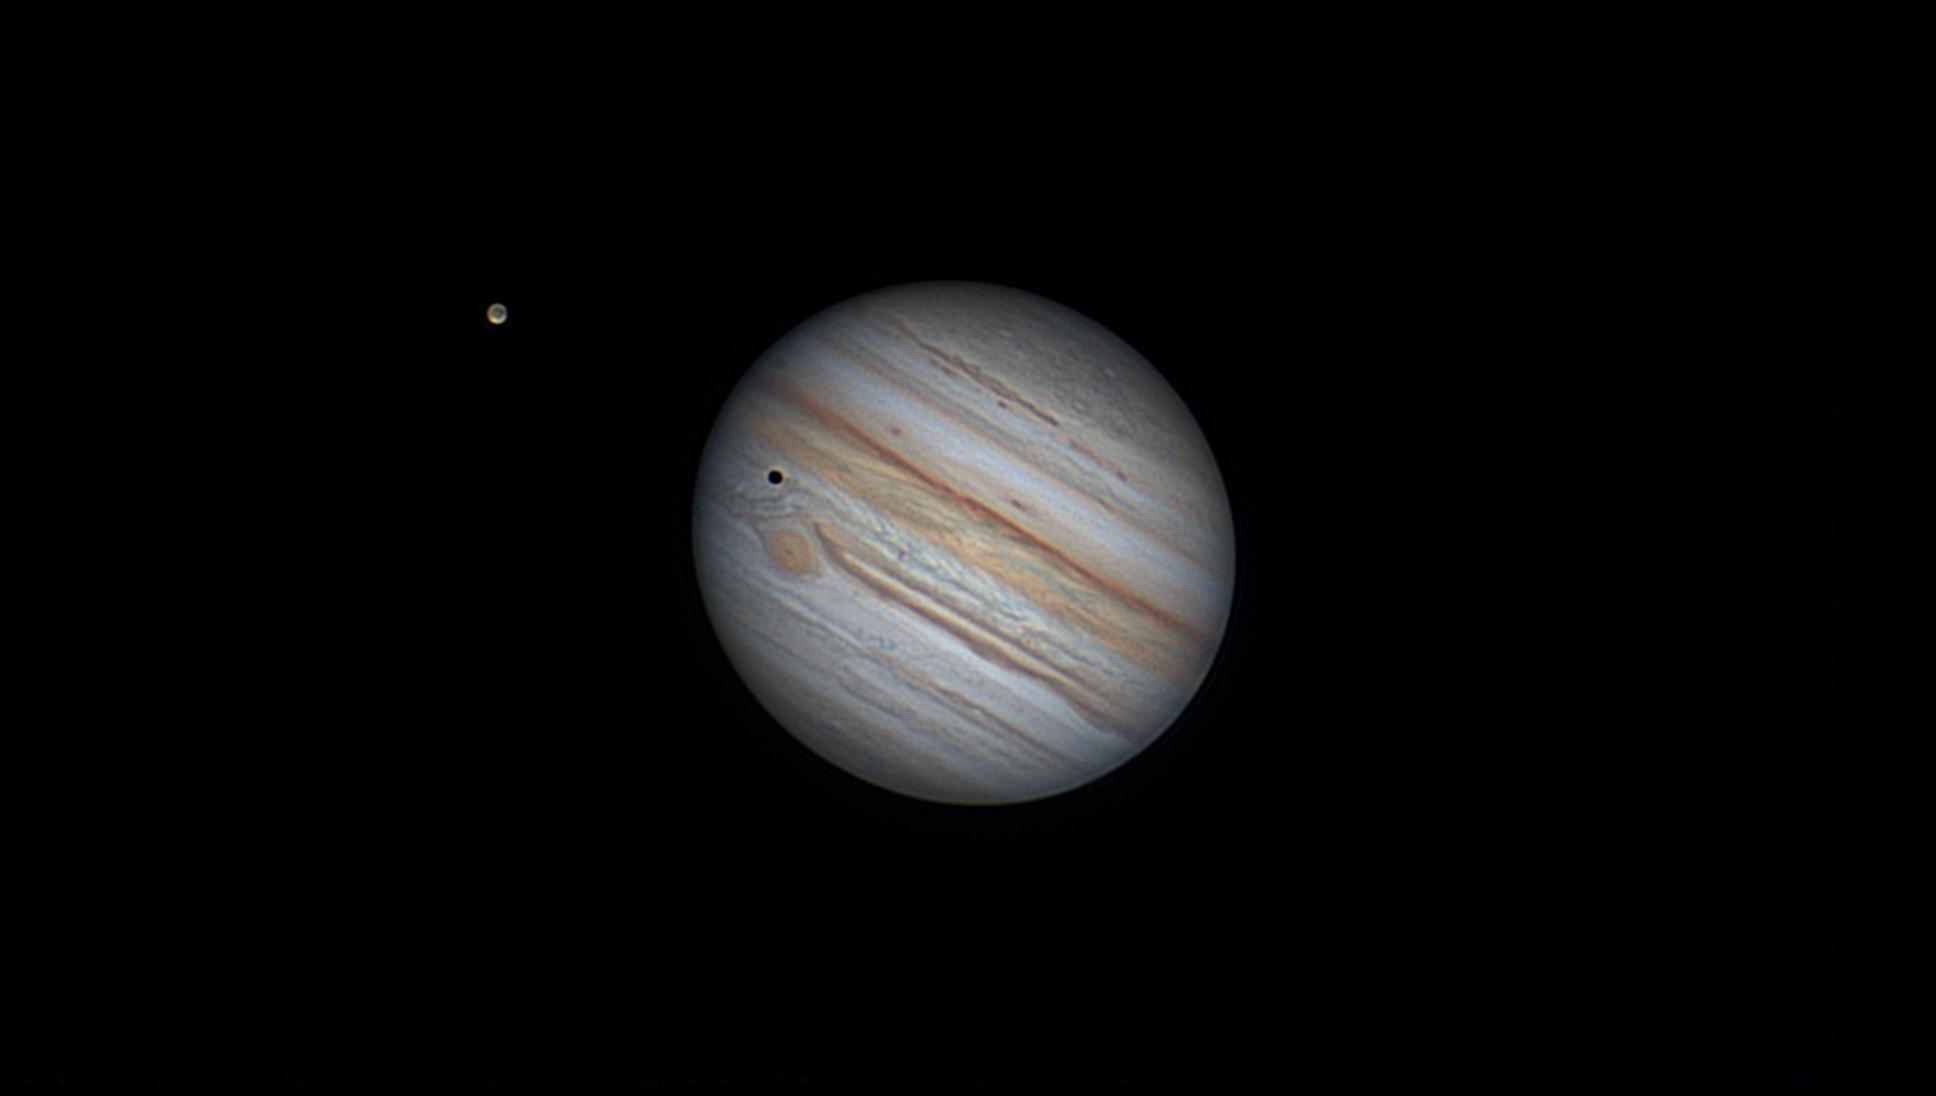 6136012a78ebe_2021-09-05-2321_8-Jupiter_lapl5_ap497_convdo.jpg.8c2a5d8234af22d25d96521a0eb4c6a2.jpg